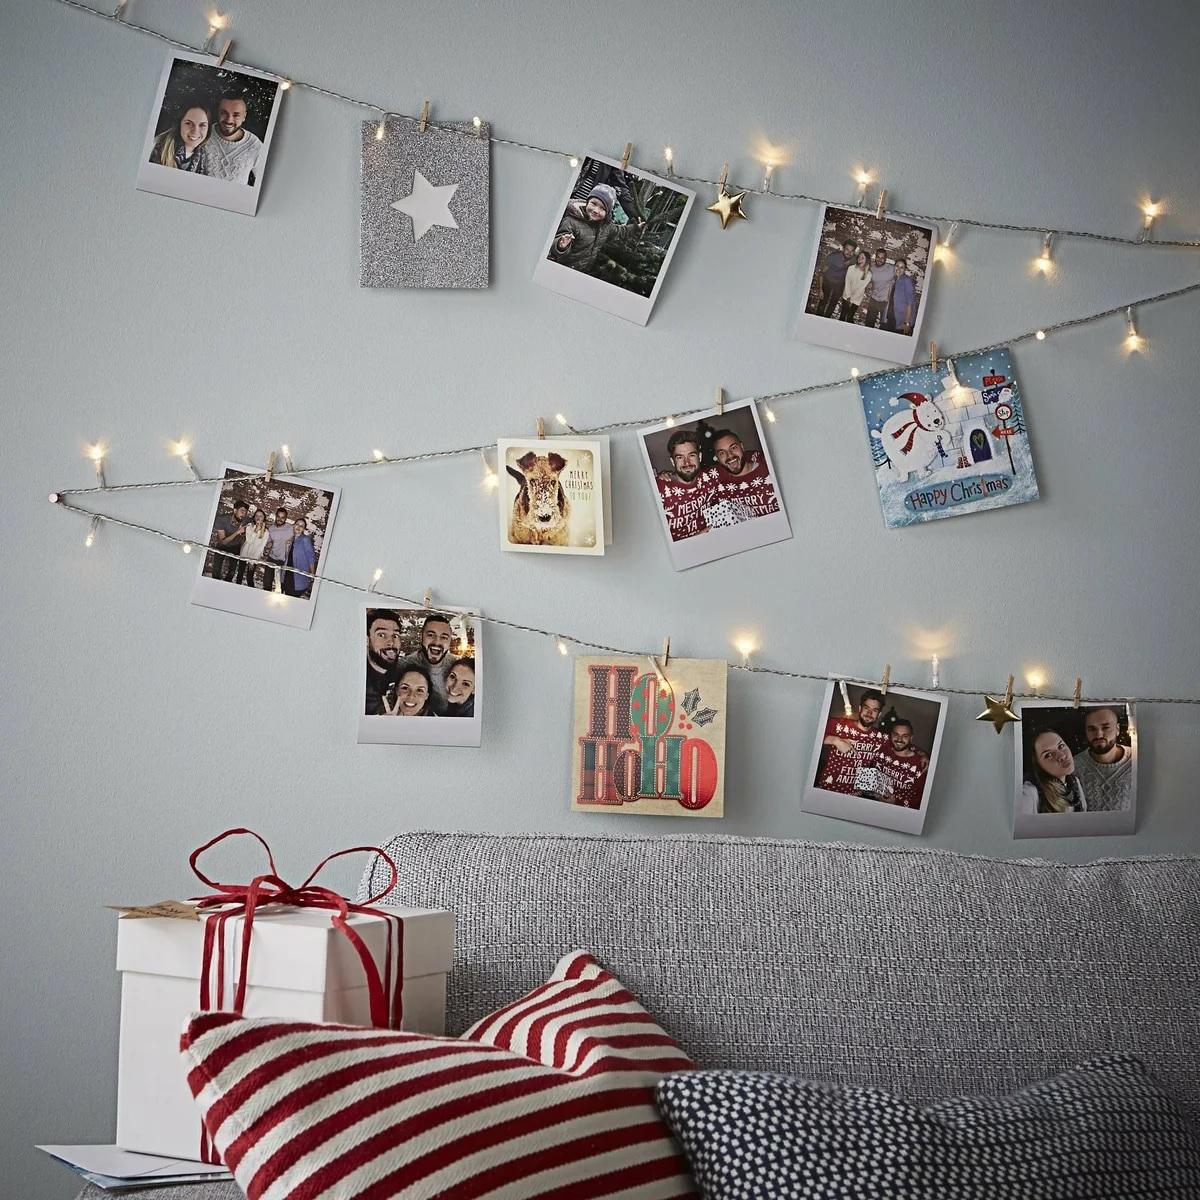 наиболее оригинальное оформление стены фотографиями остается сделать выбор